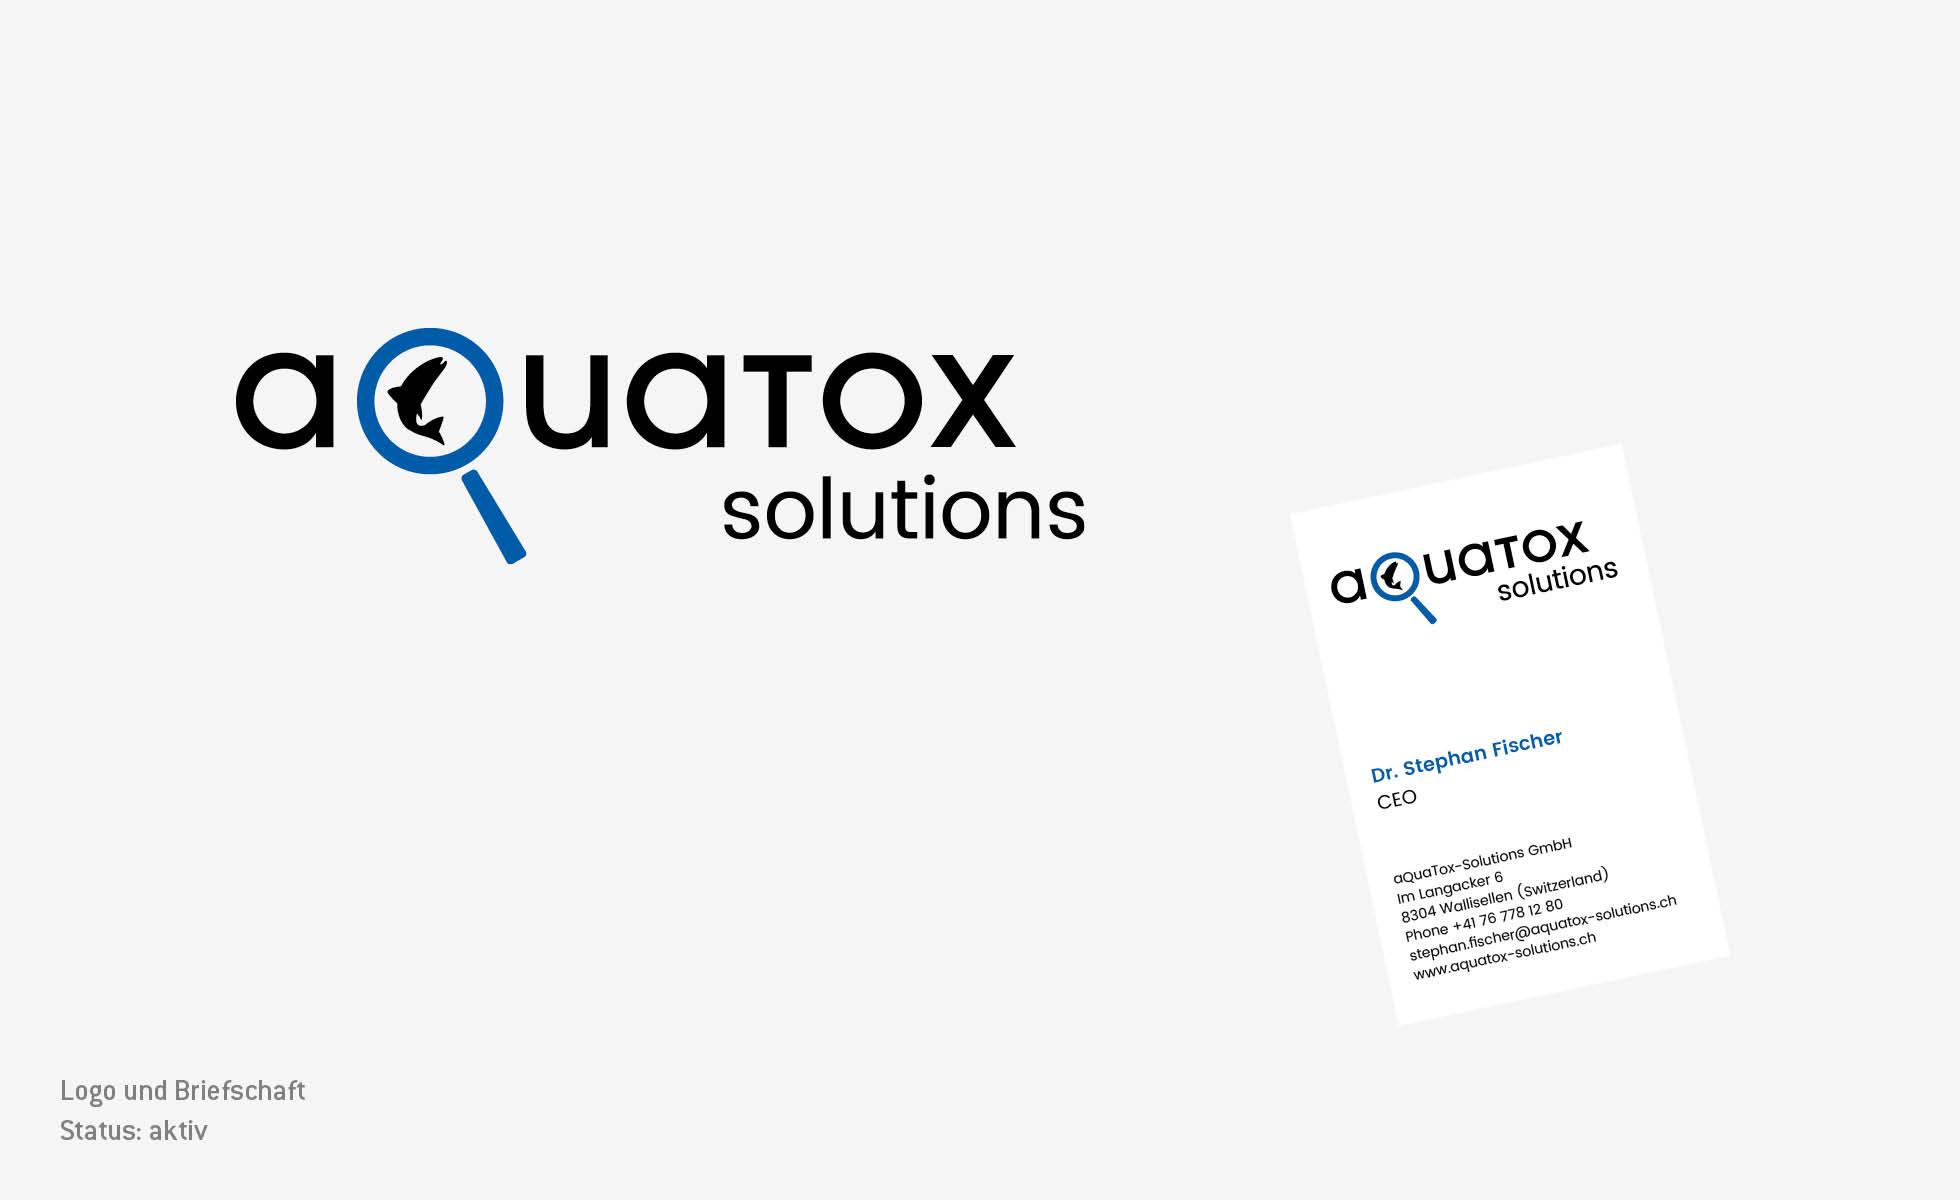 cd_logo_aquatox_solutions_01.jpg